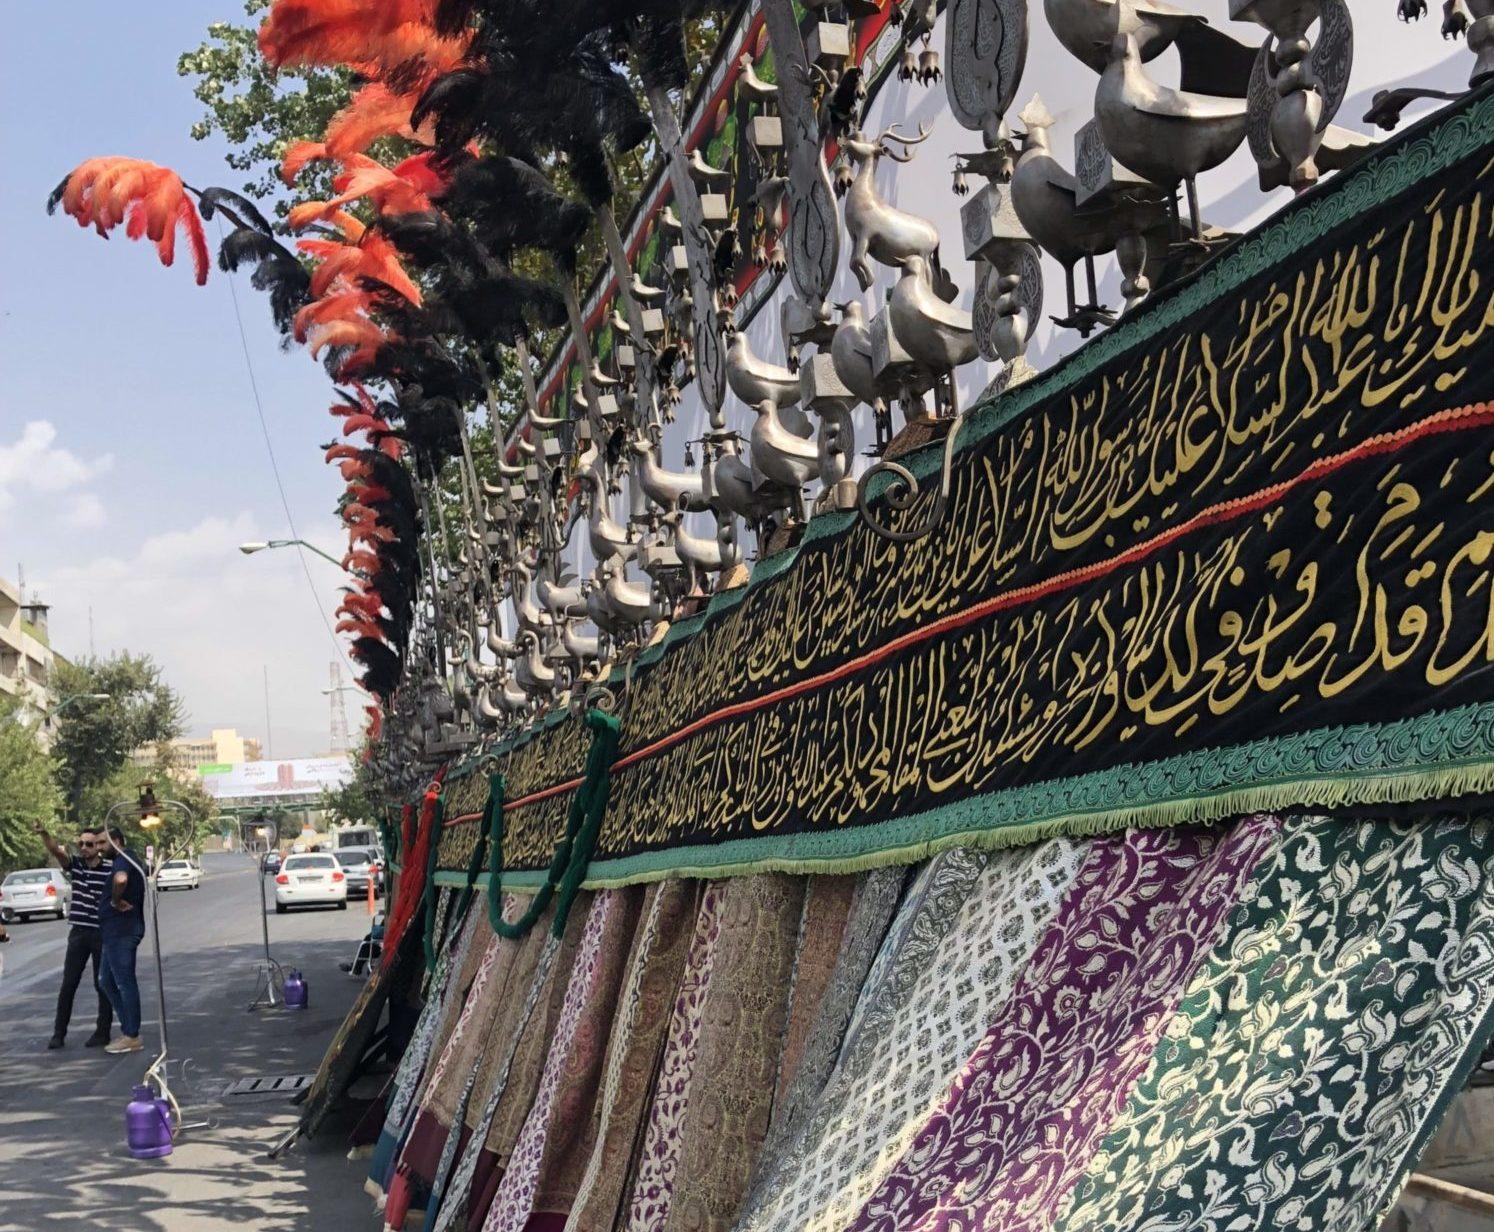 Arbaeen in Iran